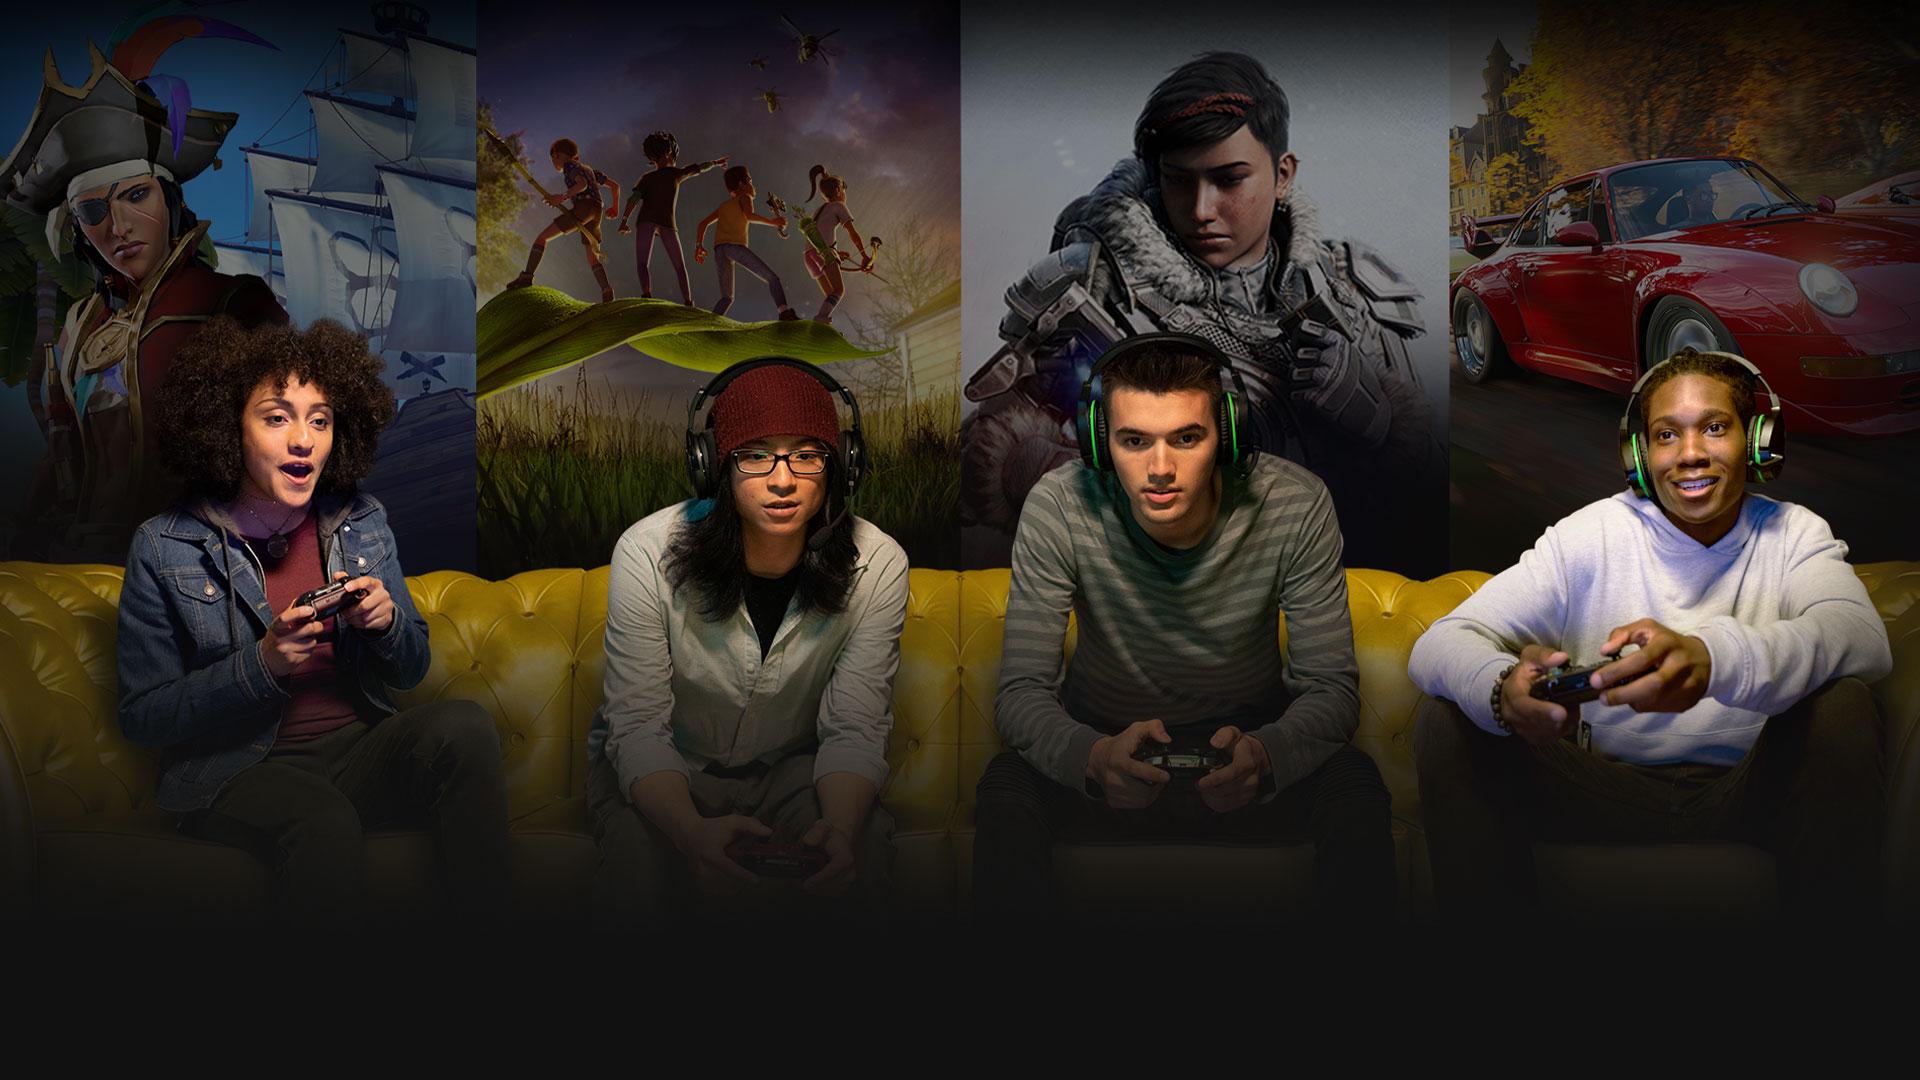 Τέσσερεις παίκτες σε έναν χρυσό καναπέ με ένα κολλάζ από σκηνές παιχνιδιών Xbox πίσω τους, όπως τα Gears 5 και Grounded